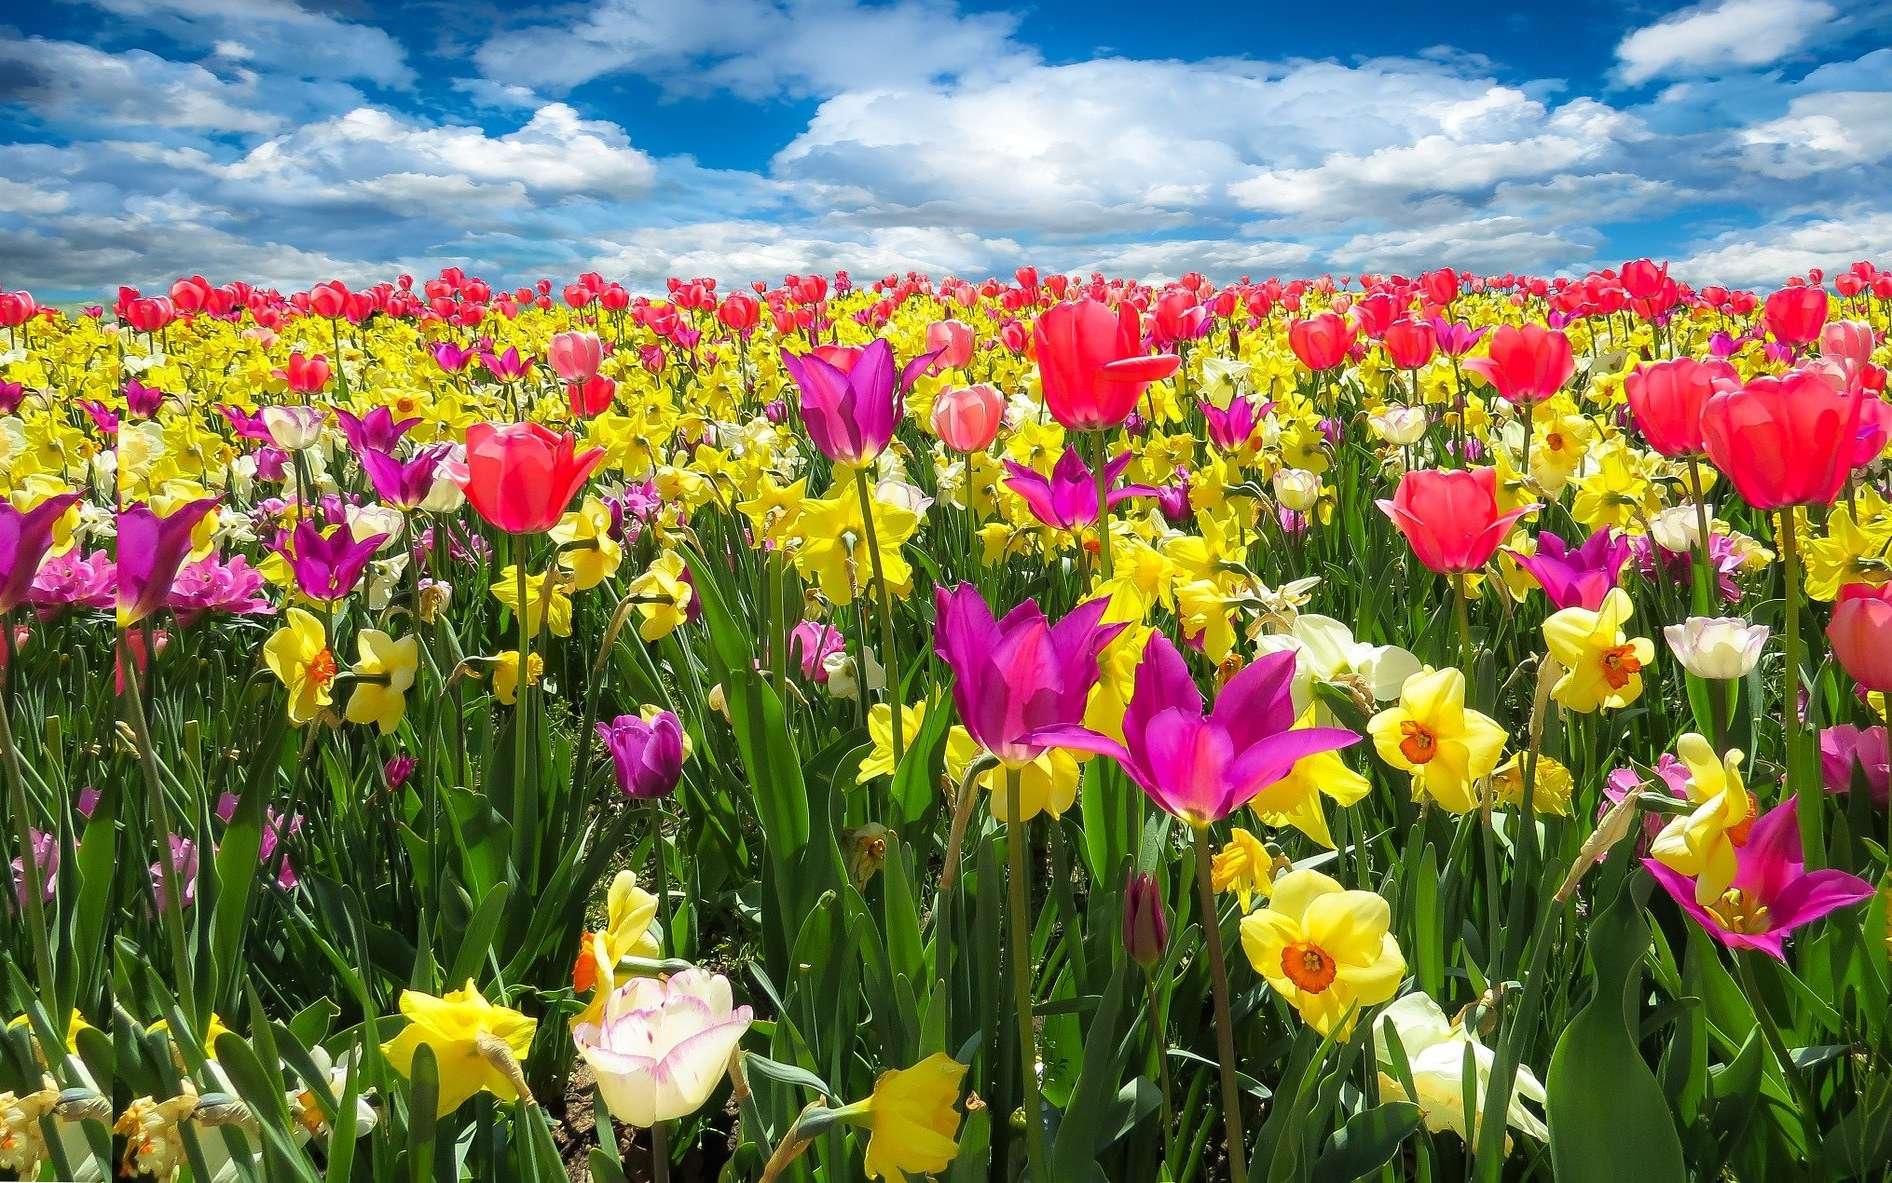 Champs de tulipes et jonquilles. © Blende12, Pixabay, DP